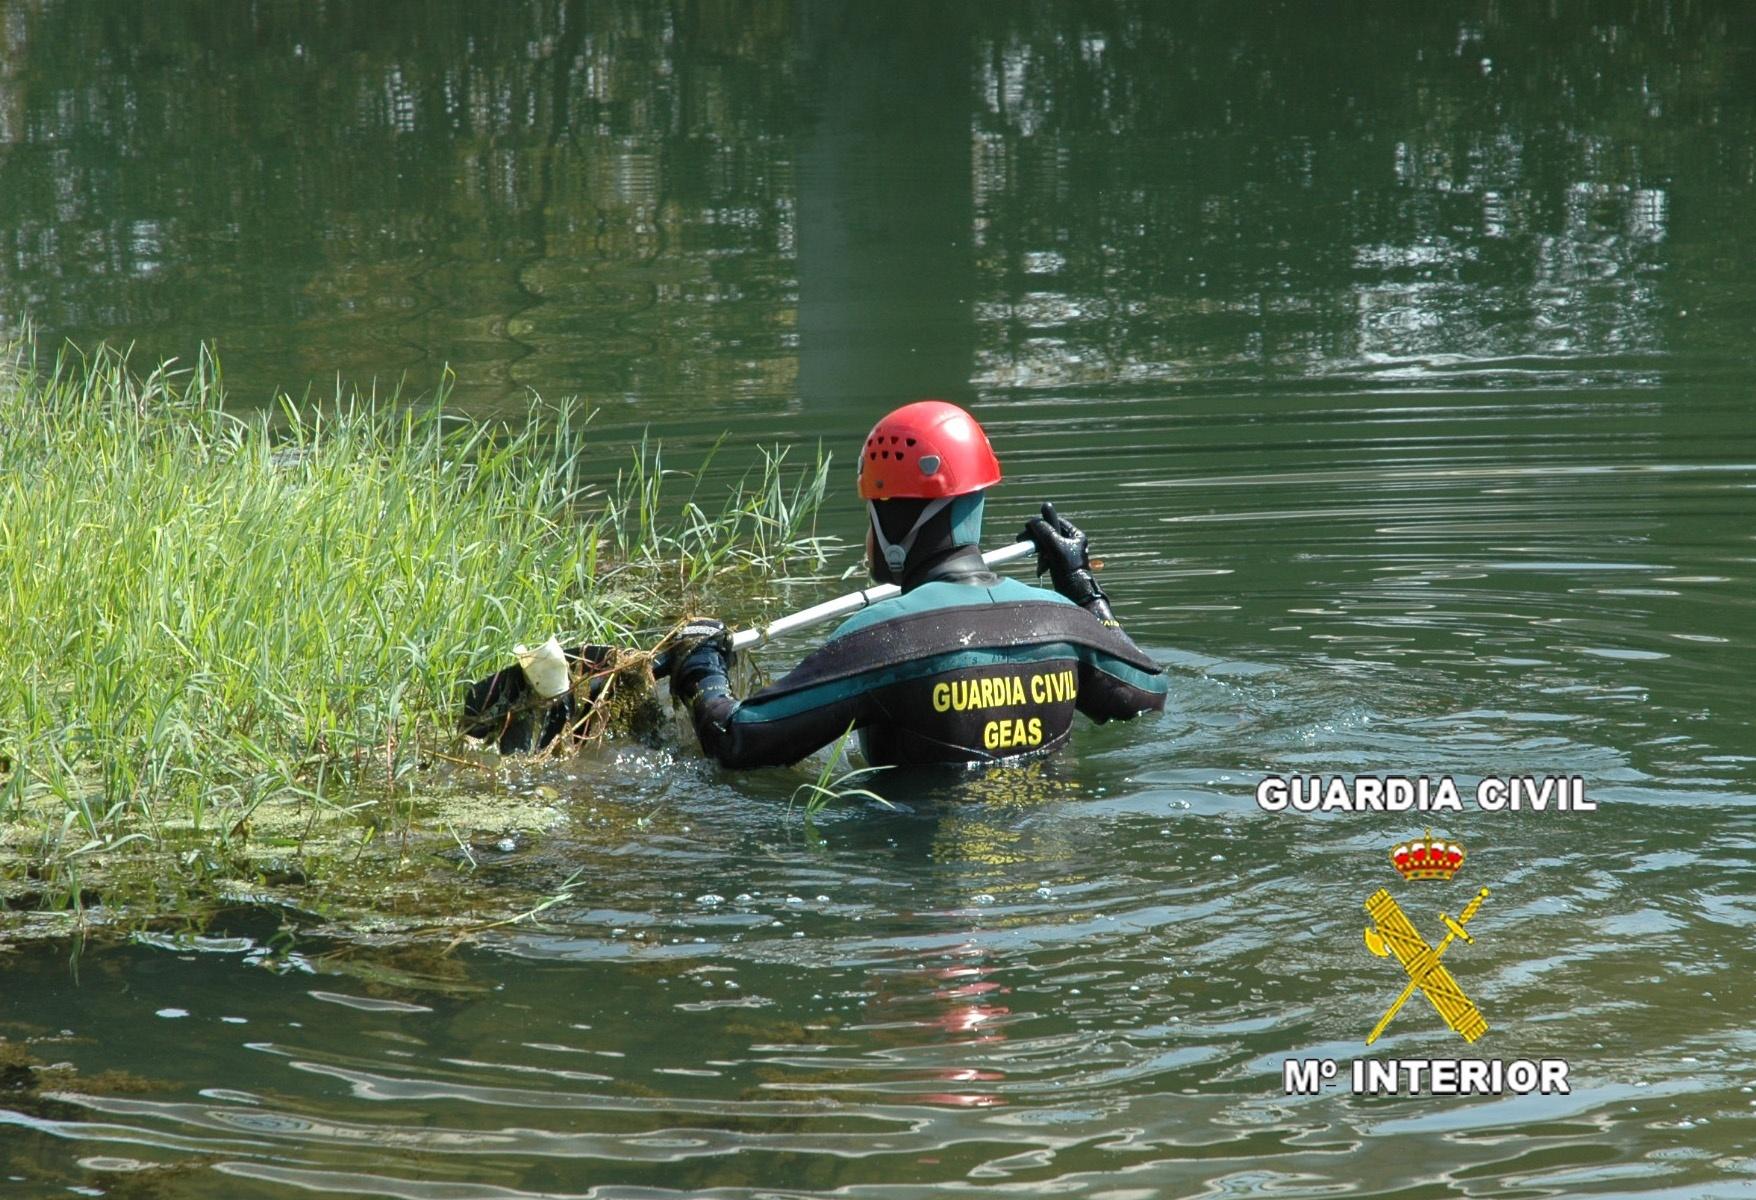 Hallado sin vida en el río Cea un varón desaparecido hace días en la provincia de Zamora